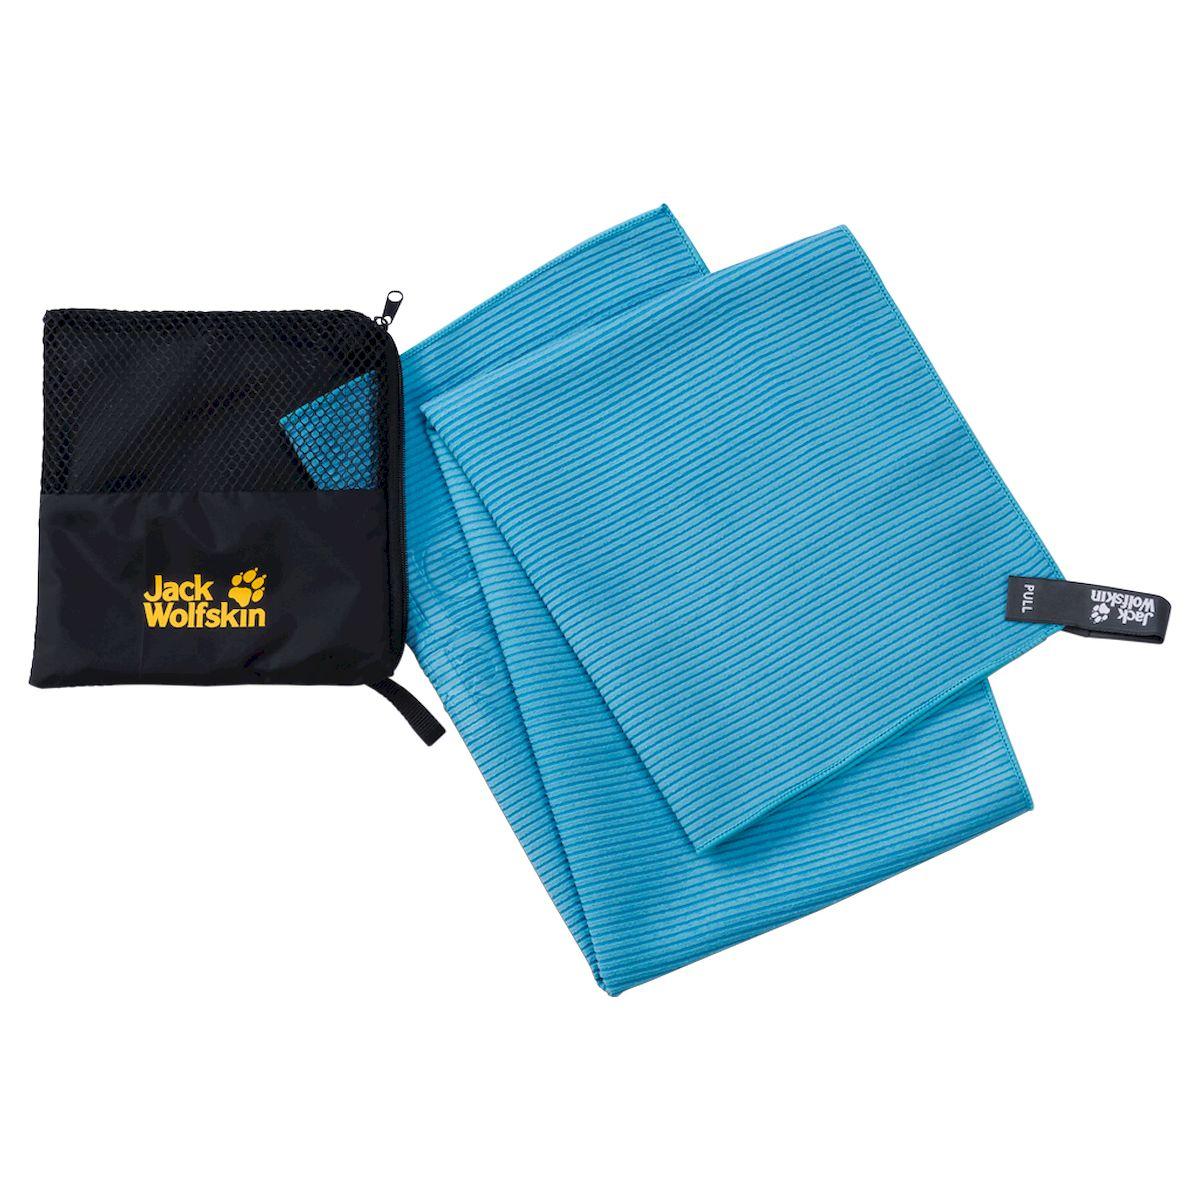 Полотенце спортивное Jack Wolfskin Great Barrier Towel M, 8006431-1081, бирюзовый, 80 х 40 см